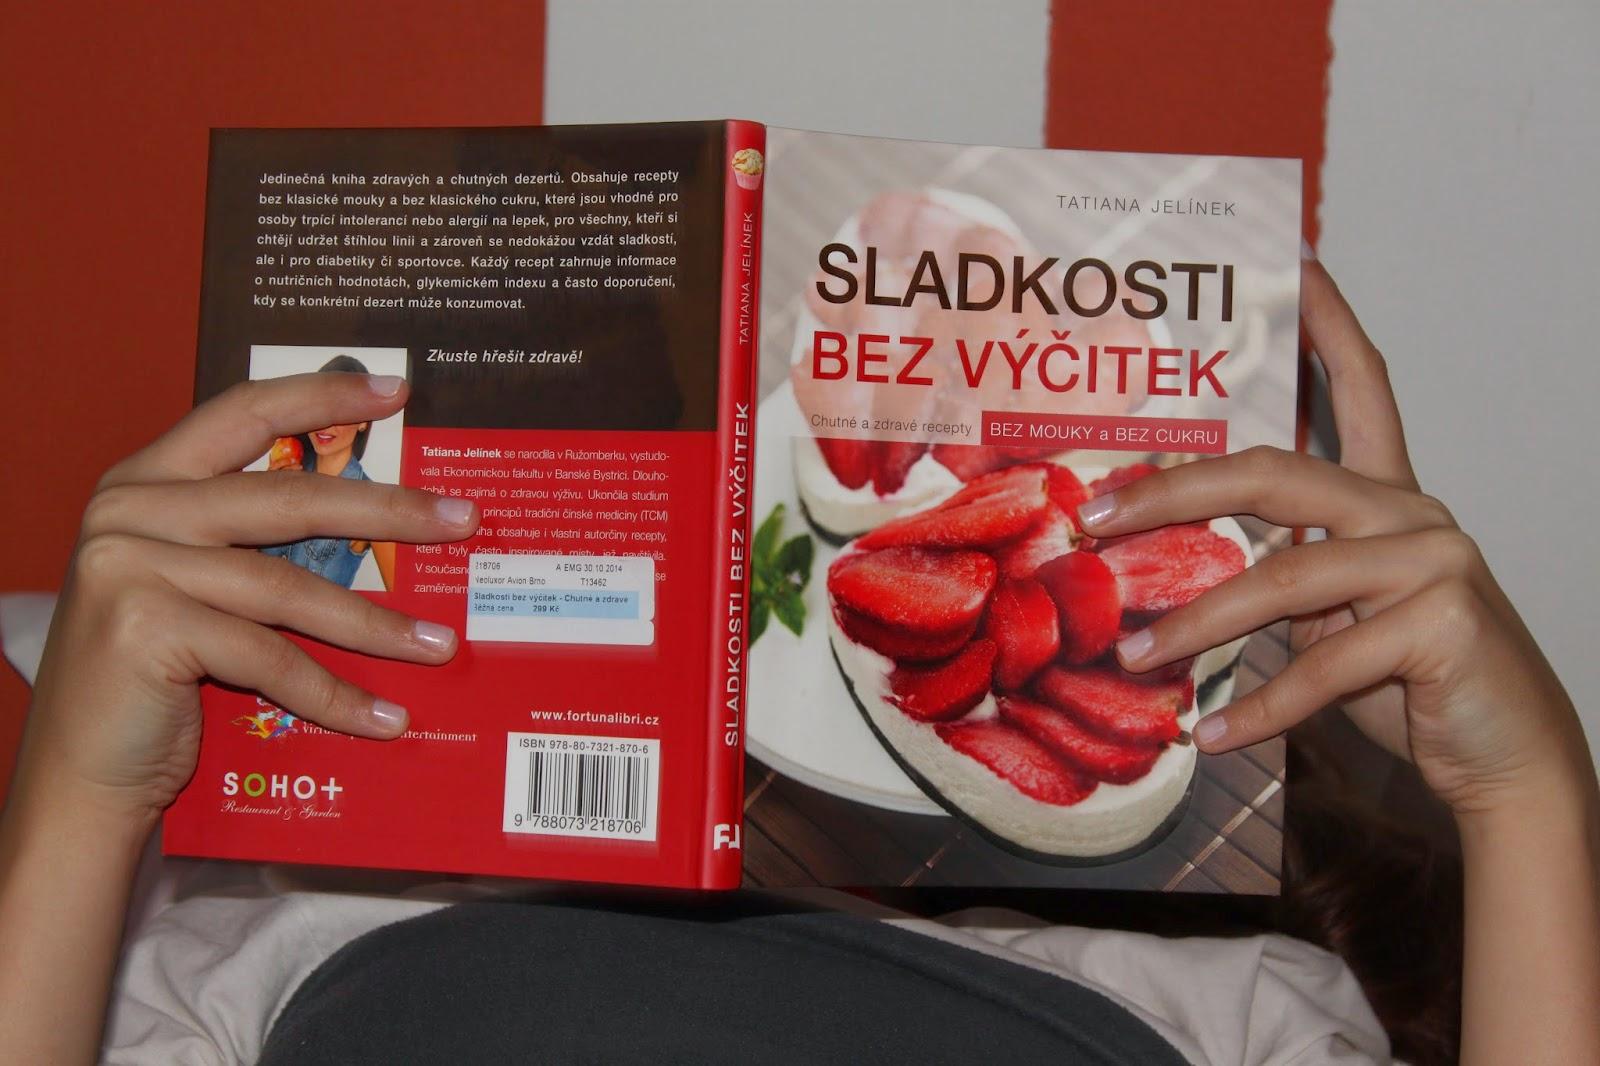 http://zitvege.blogspot.cz/2014/11/knizni-tipy-sladkosti-bez-vycitek.html